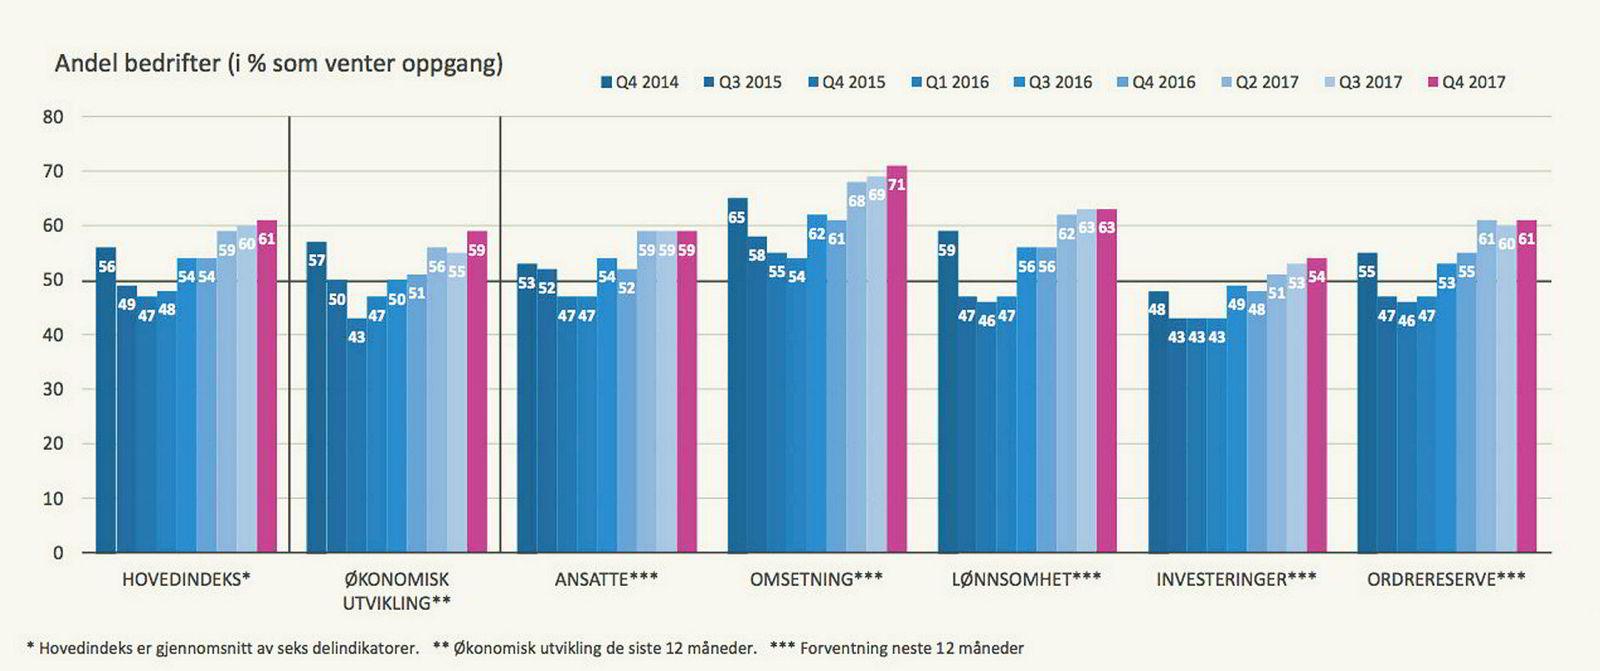 SR-Banks konjunkturbarometer viser oppgang i alle kategorier. Tall over 50 indikerer optimisme.